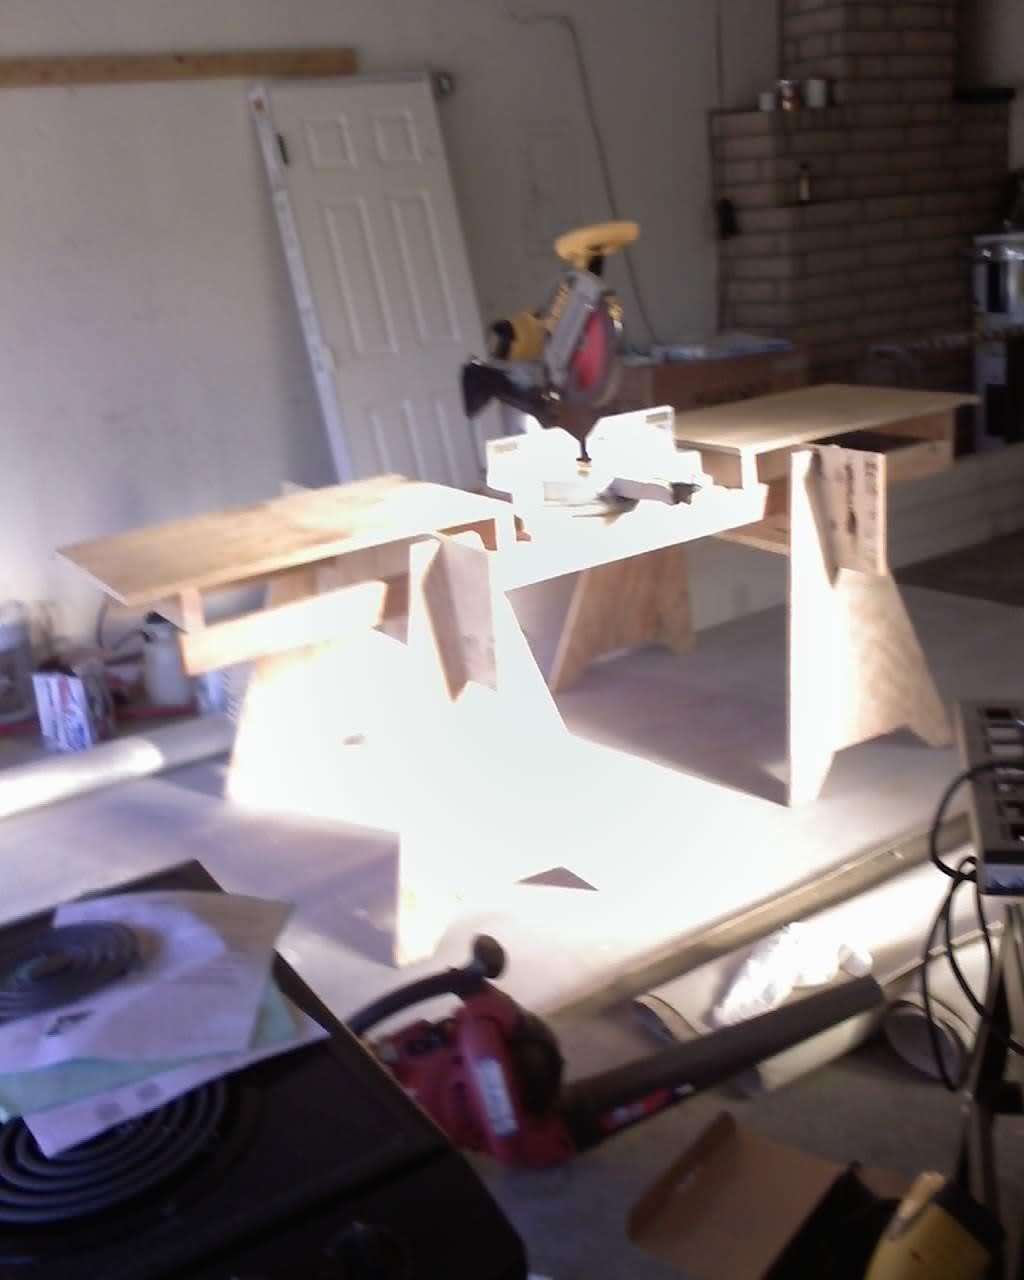 miter saw bench-09-21-09_1709.jpg